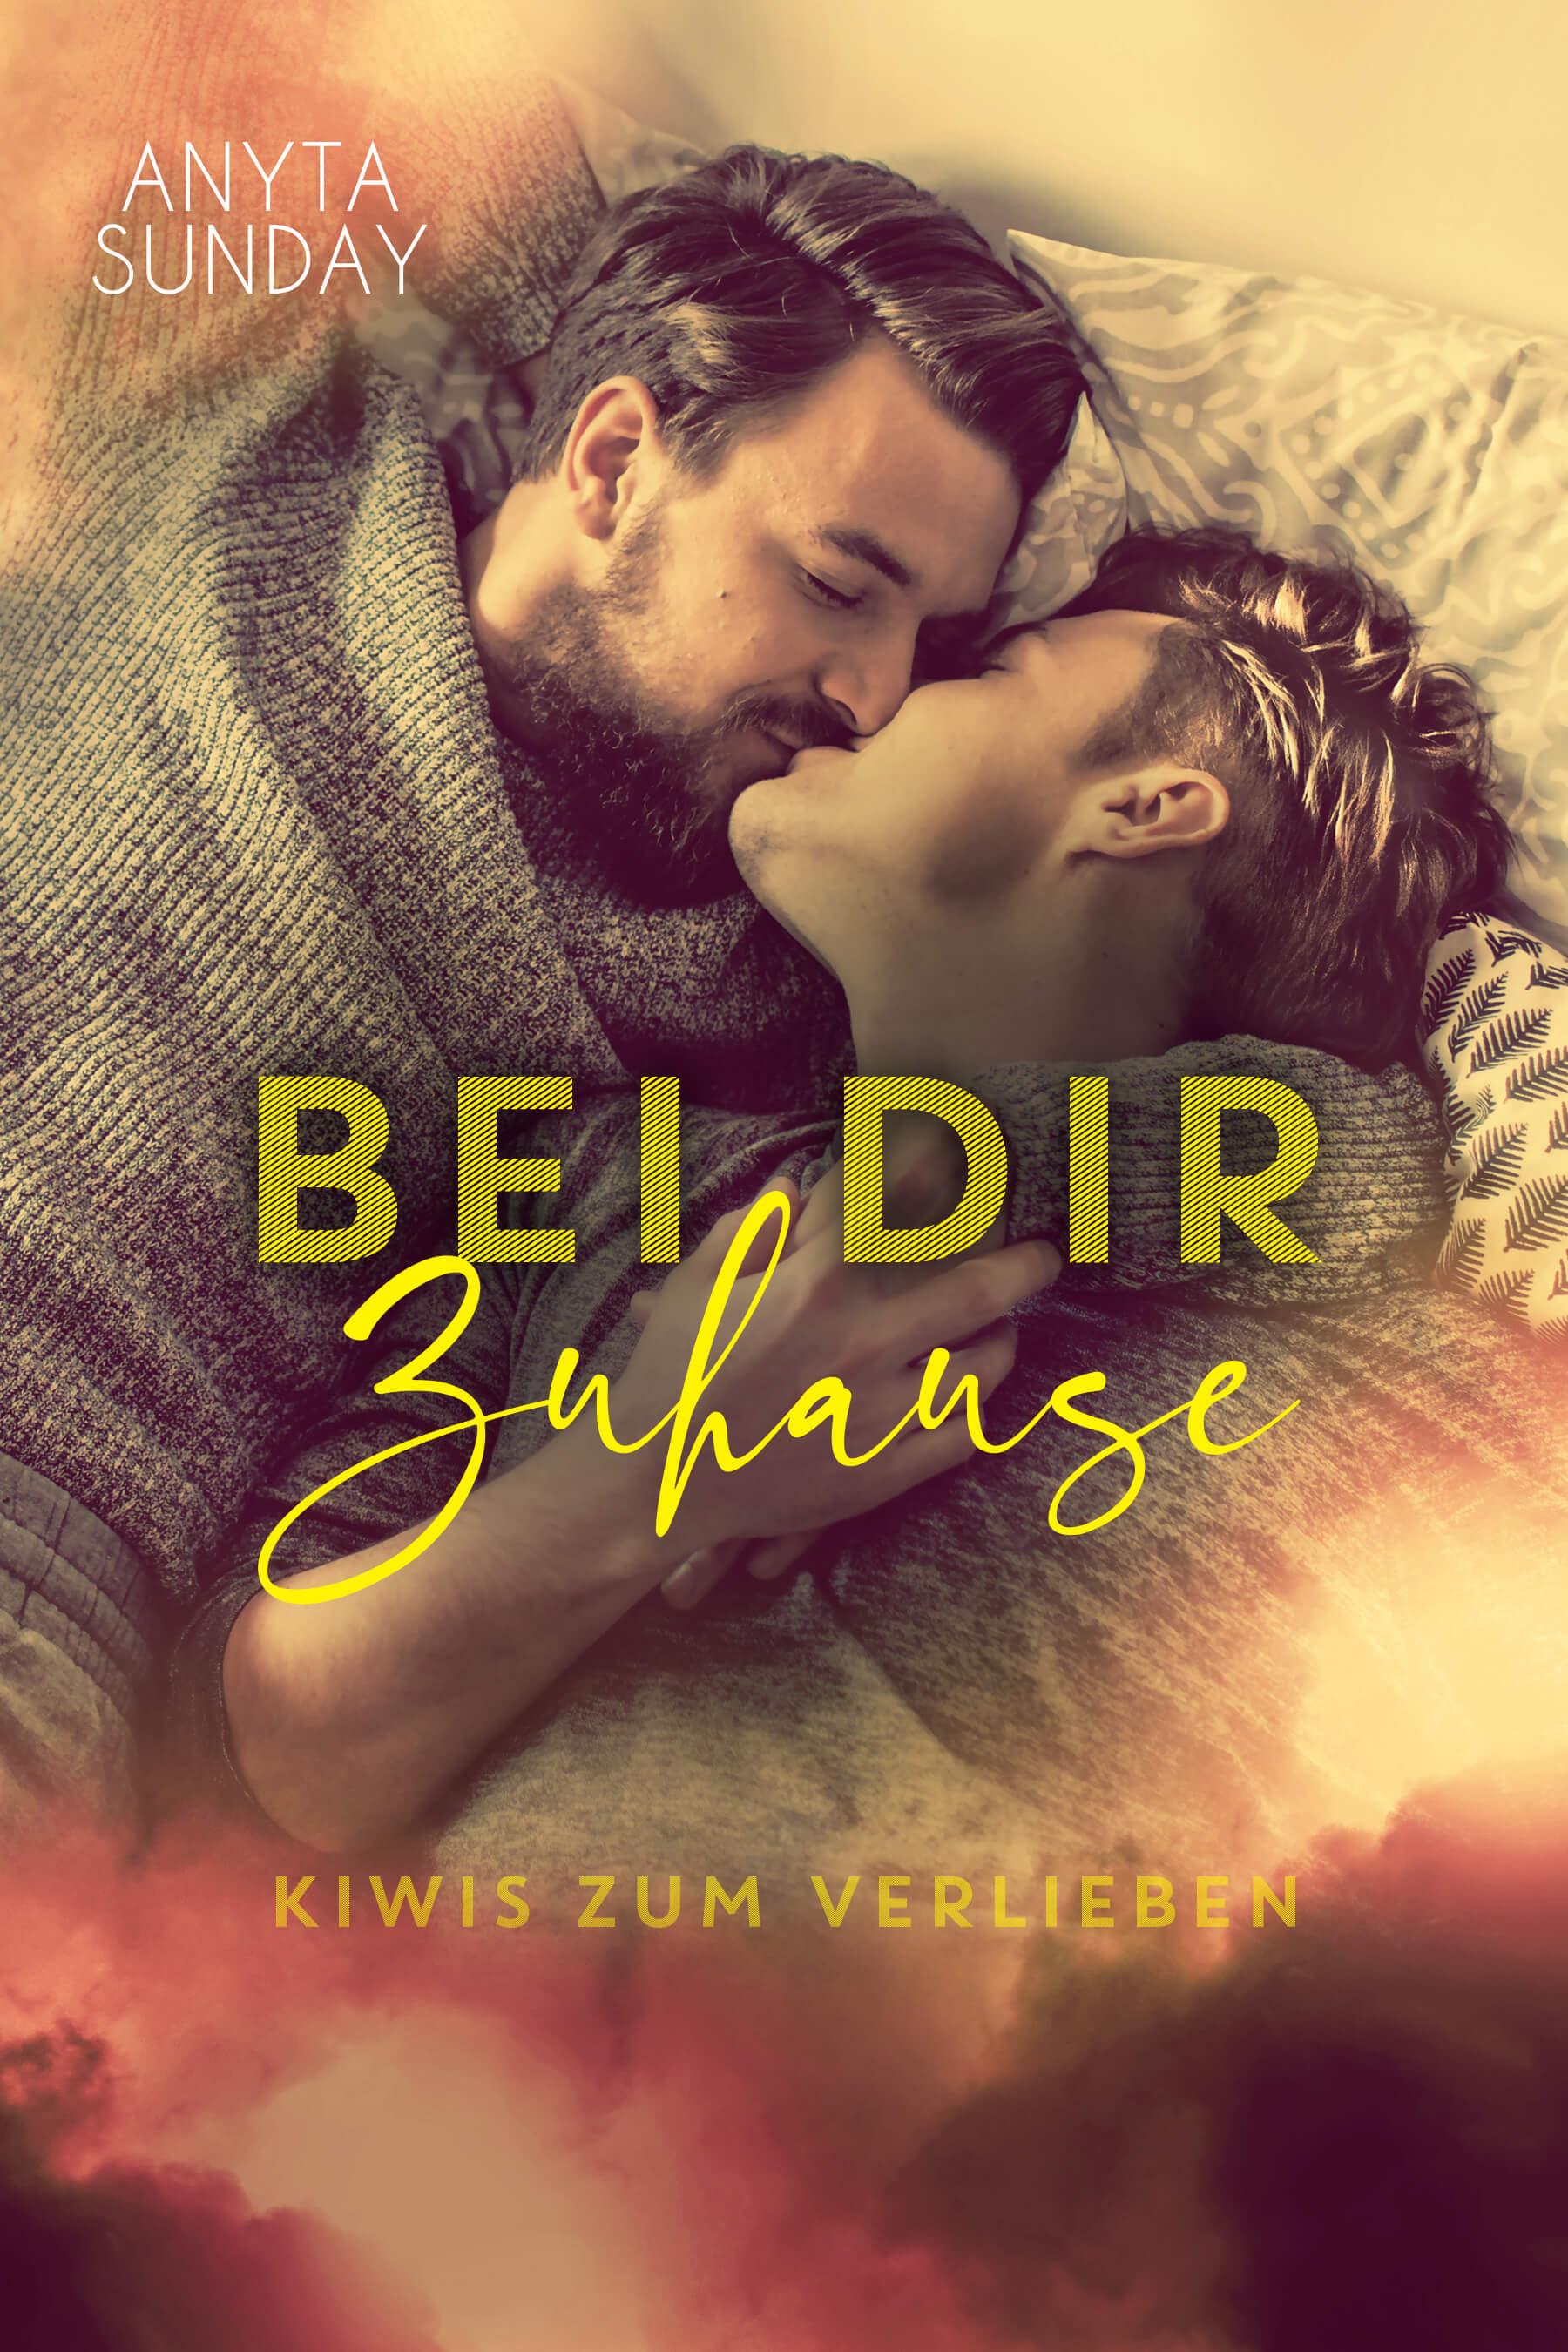 Bei Dir Zu Hause Anyta Sunday Kiwis Zum Verlieben